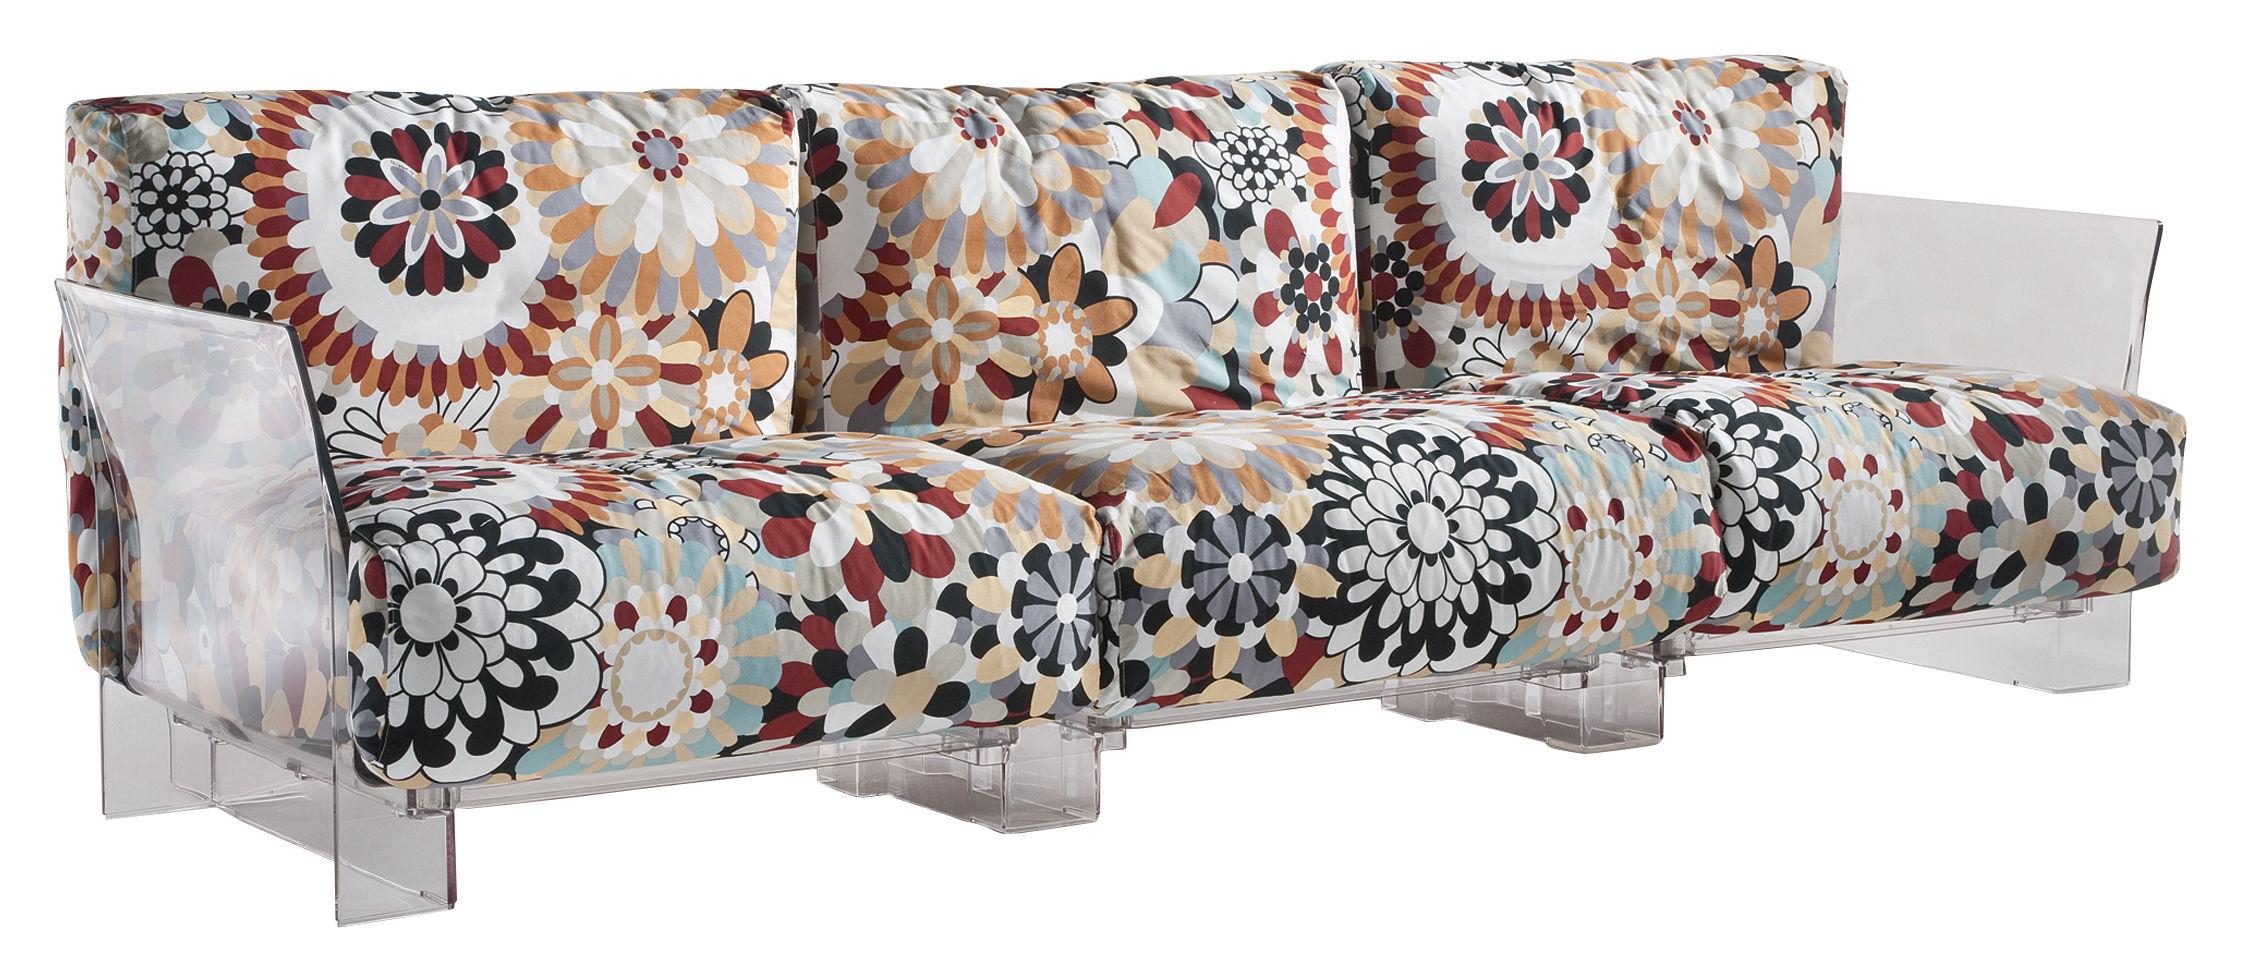 Möbel - Sofas - Pop Missoni Sofa 3-Sitzer - Kartell - Blumen in Terrakotta-Tönen - Baumwolle, Polykarbonat